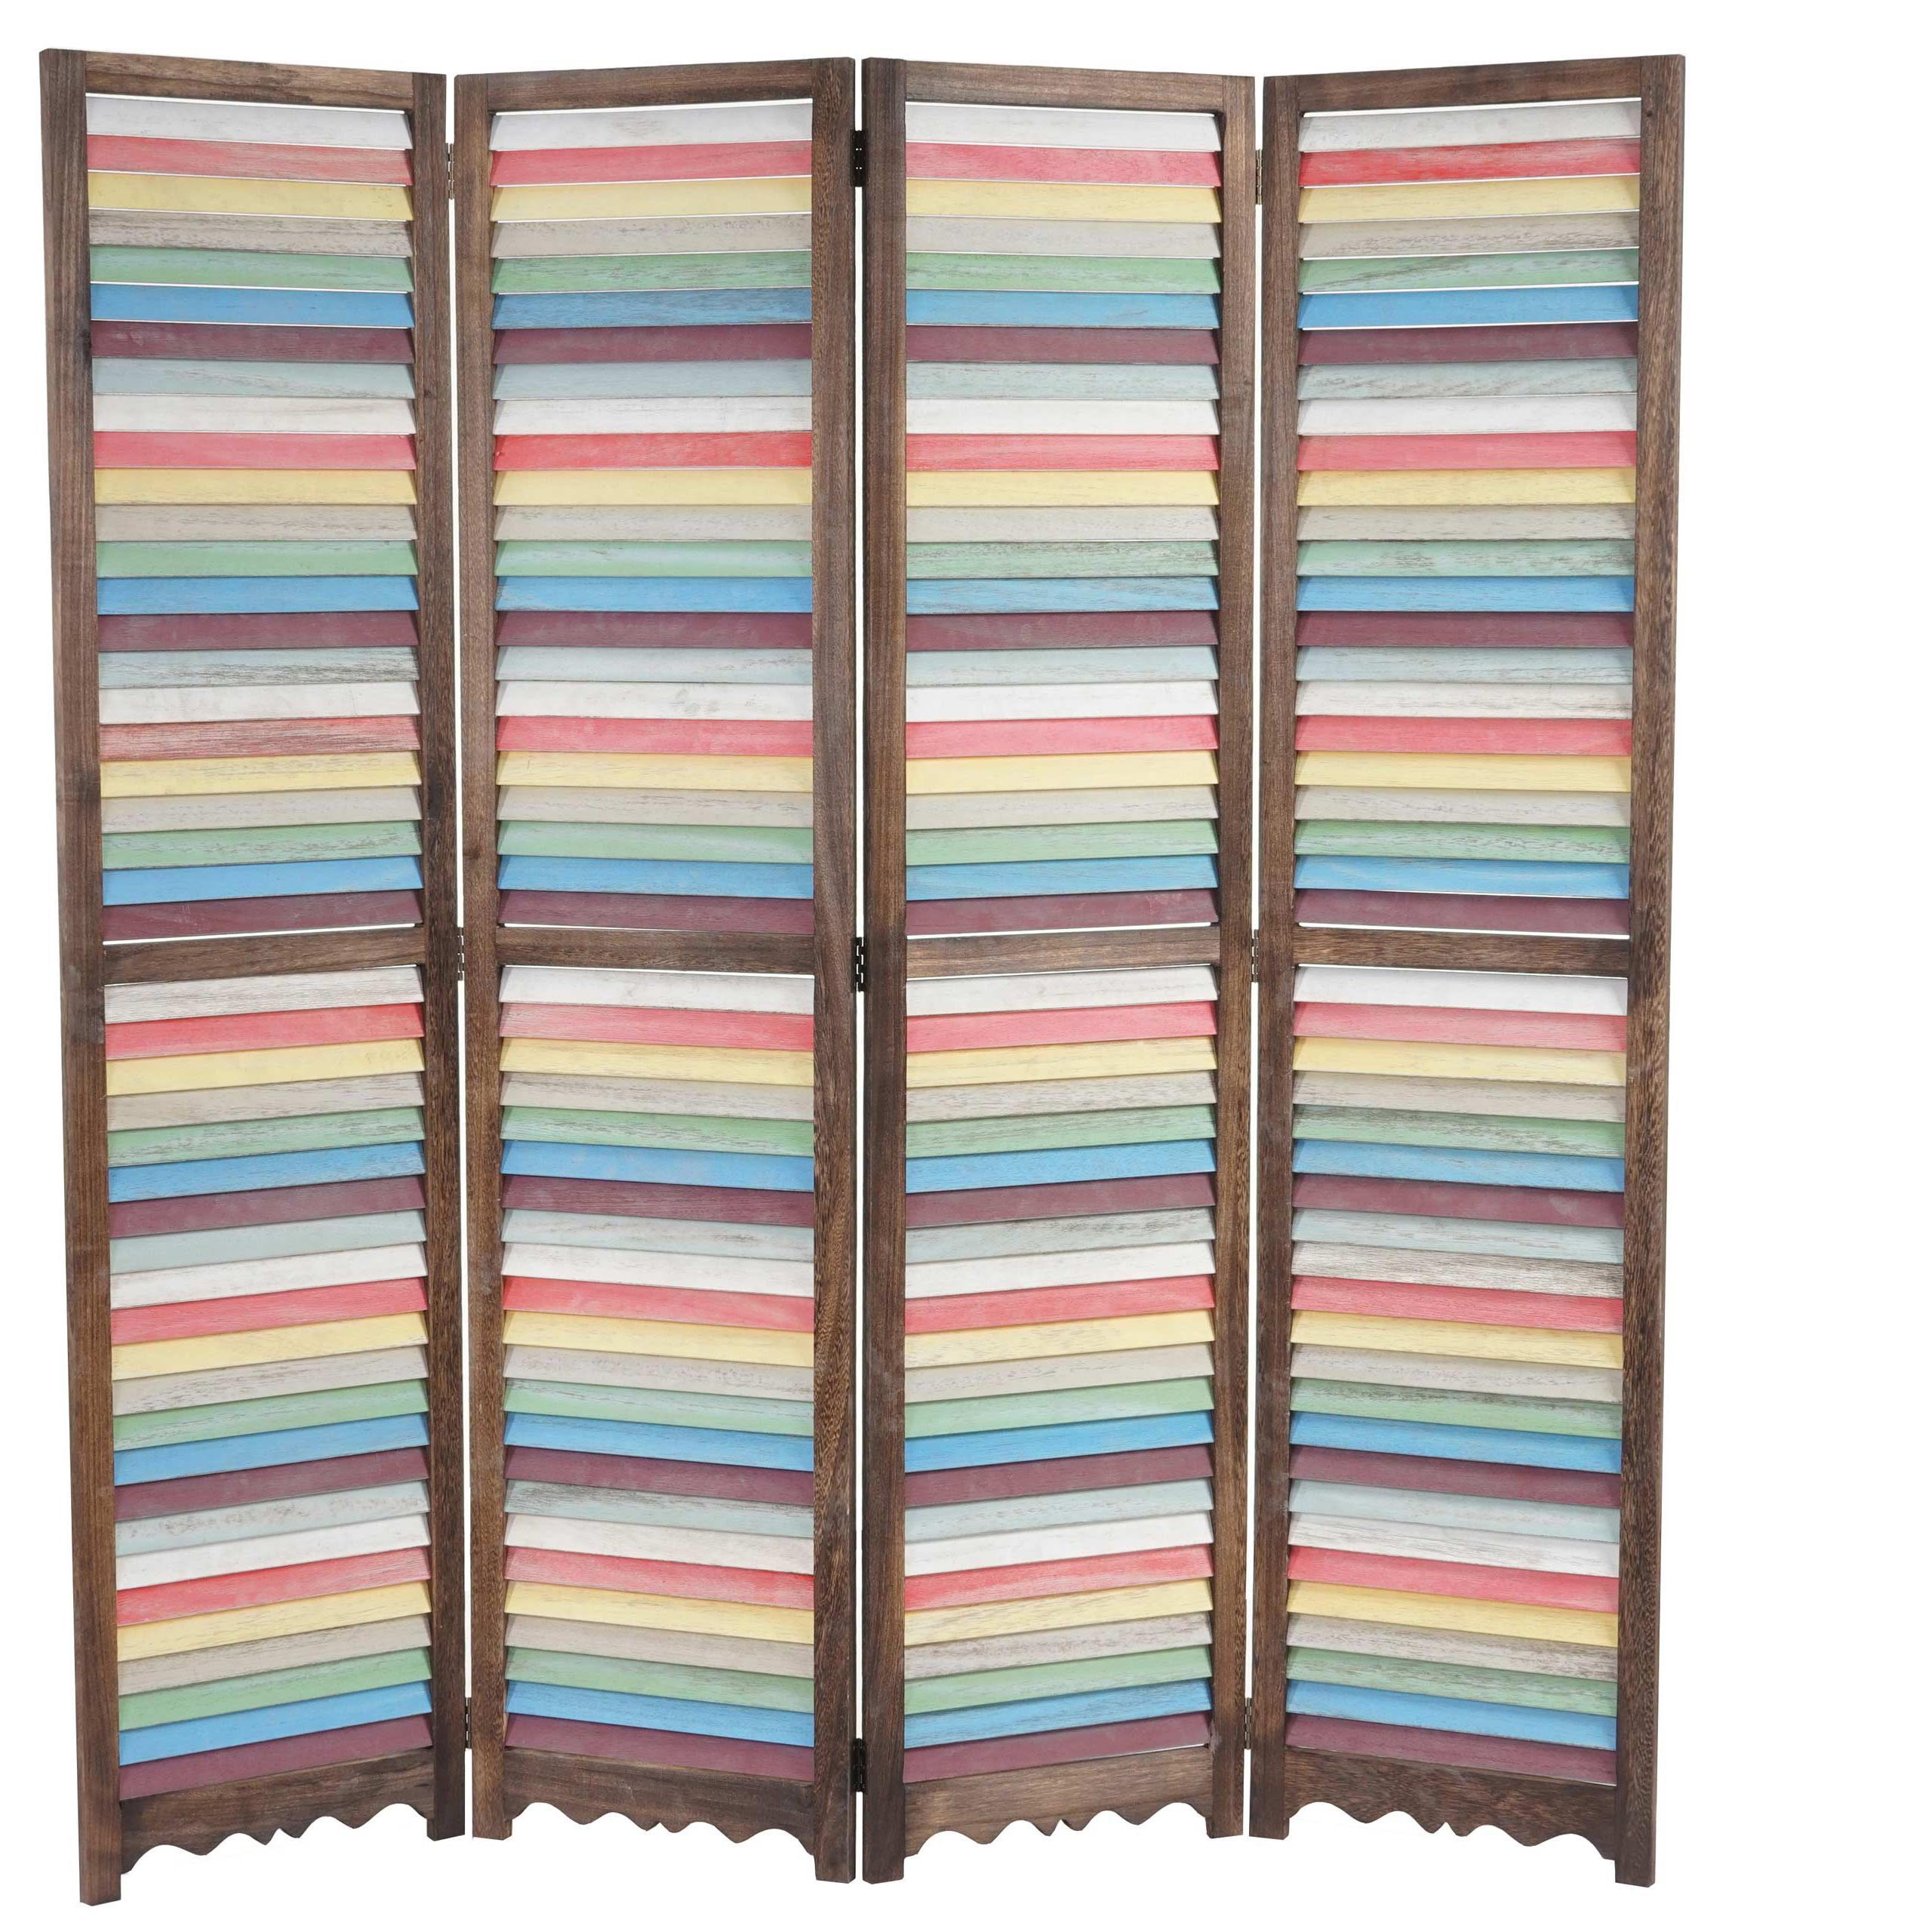 Paravento separé GERD, cm 170x160x2, struttura in legno multicolore ...